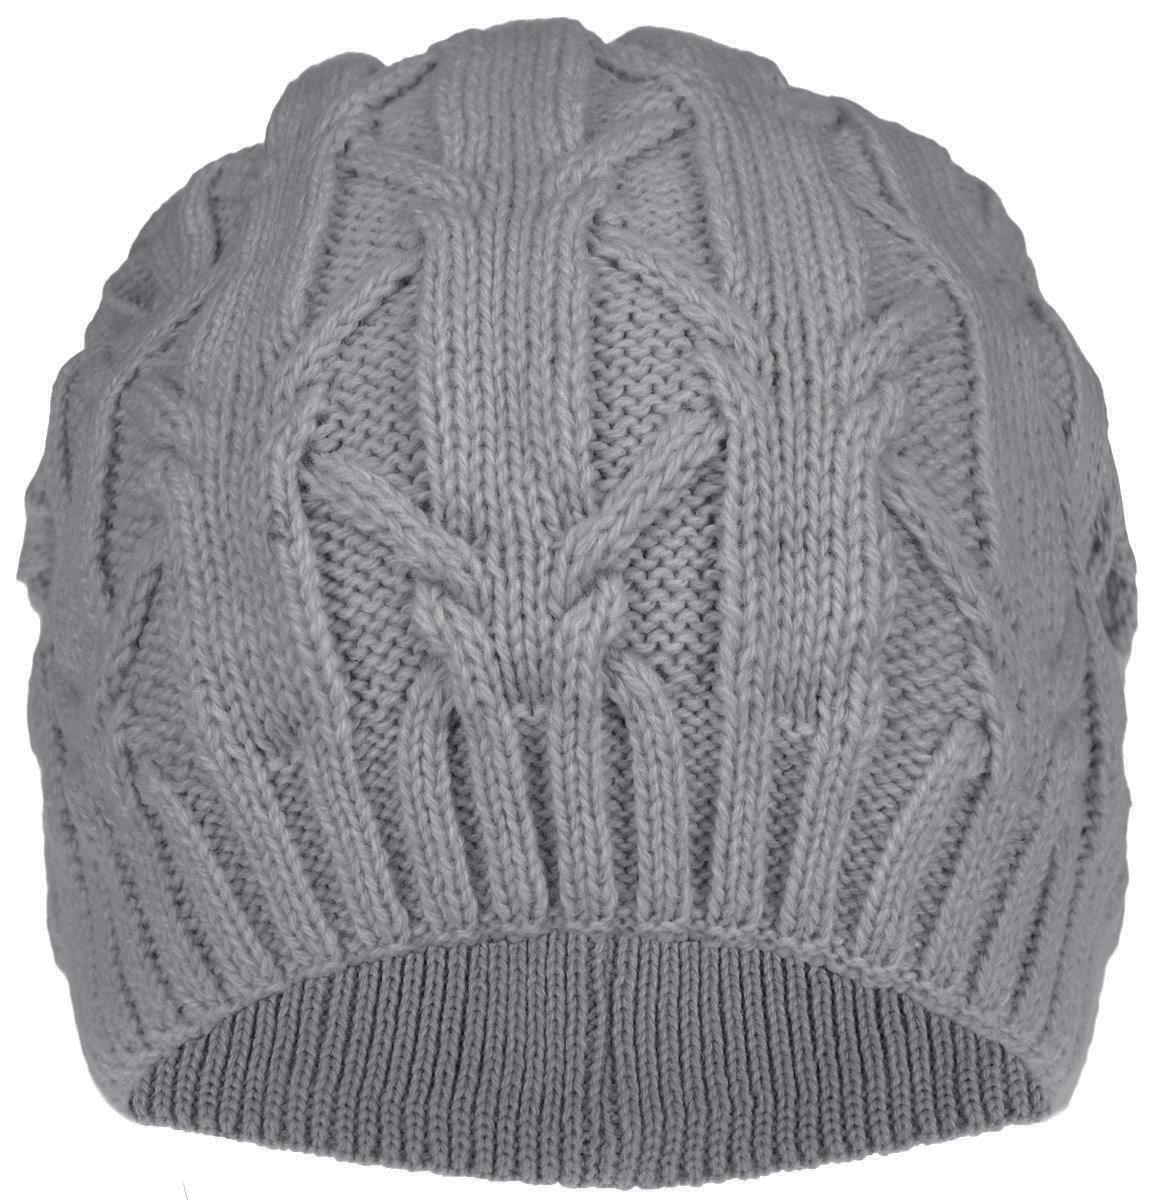 Шапка женская. 2-0042-004-001Оригинальная женская шапка Flioraj дополнит ваш наряд и не позволит вам замерзнуть в холодное время года. Шапка выполнена из высококачественной комбинированной пряжи из шерсти и акрила, что позволяет ей великолепно сохранять тепло и обеспечивает высокую эластичность и удобство посадки. Шапка дополнена вязаной подкладкой, благодаря которой она не продувается и комфортно сидит. Шапка оформлена вязаными объемными узорами. Такая шапка станет модным и стильным дополнением вашего зимнего гардероба, великолепно подойдет для активного отдыха и занятия спортом. Она согреет вас и позволит подчеркнуть свою индивидуальность!